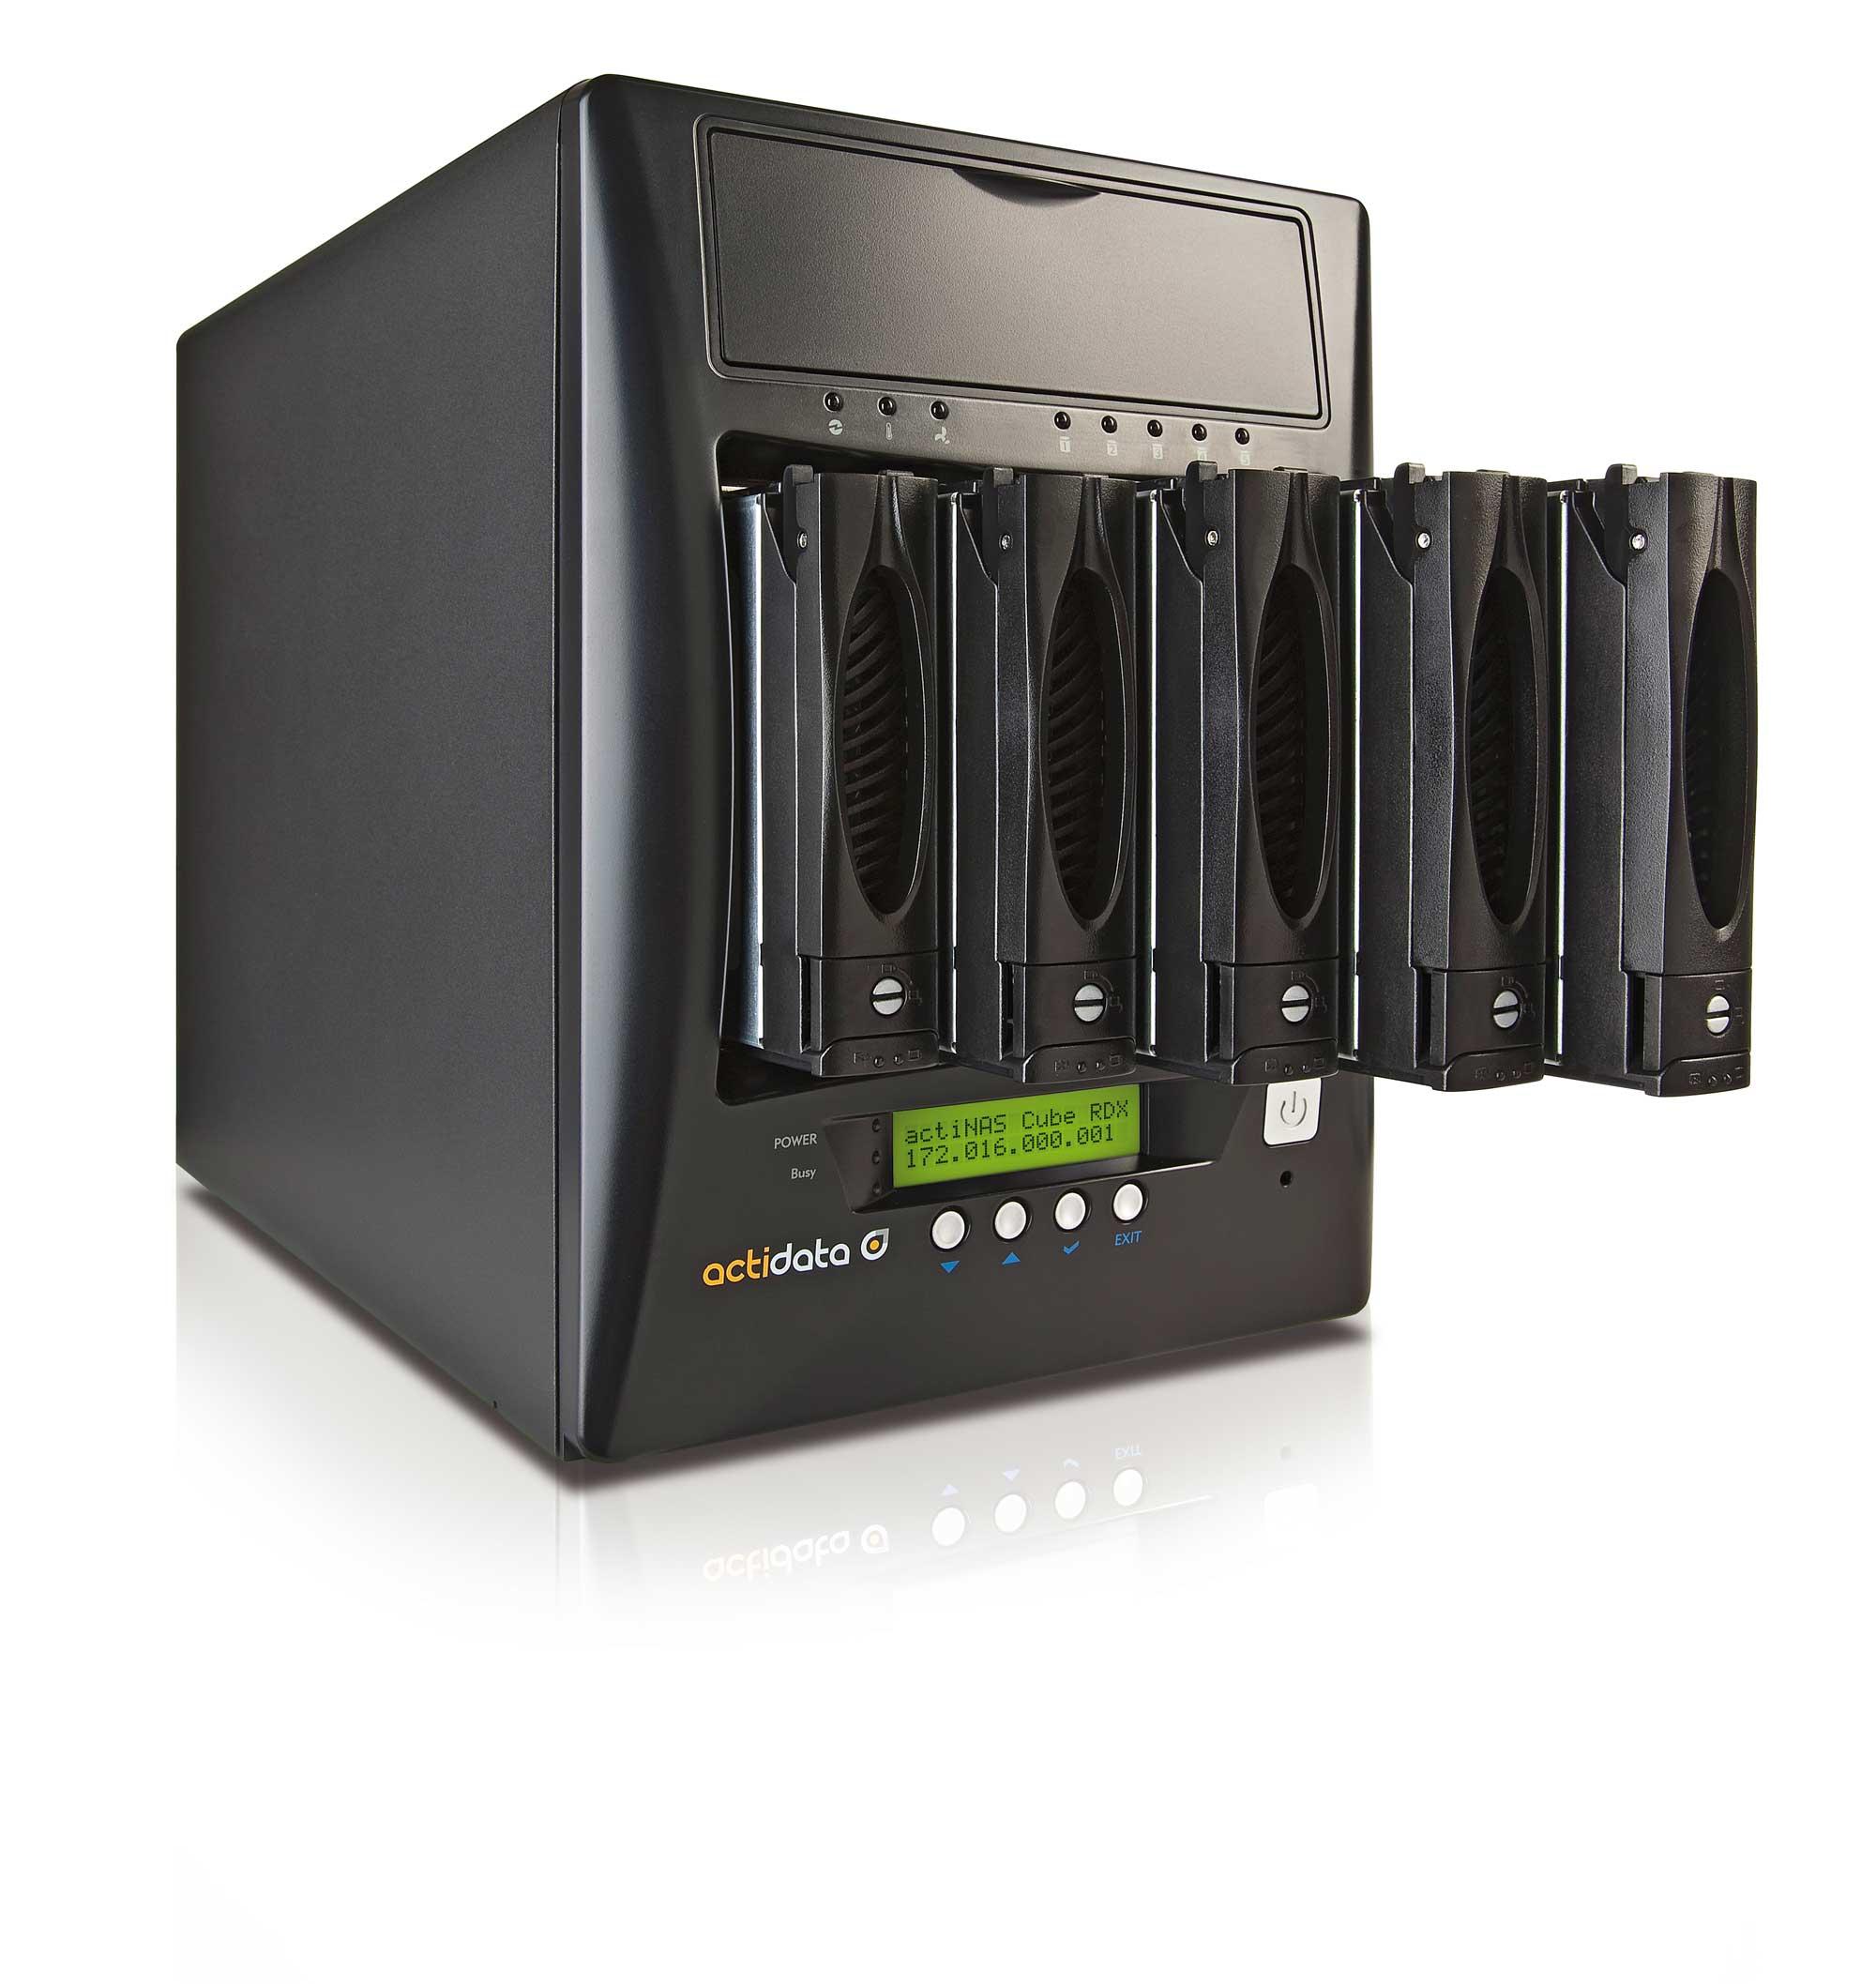 Bezpieczny serwer actidaty